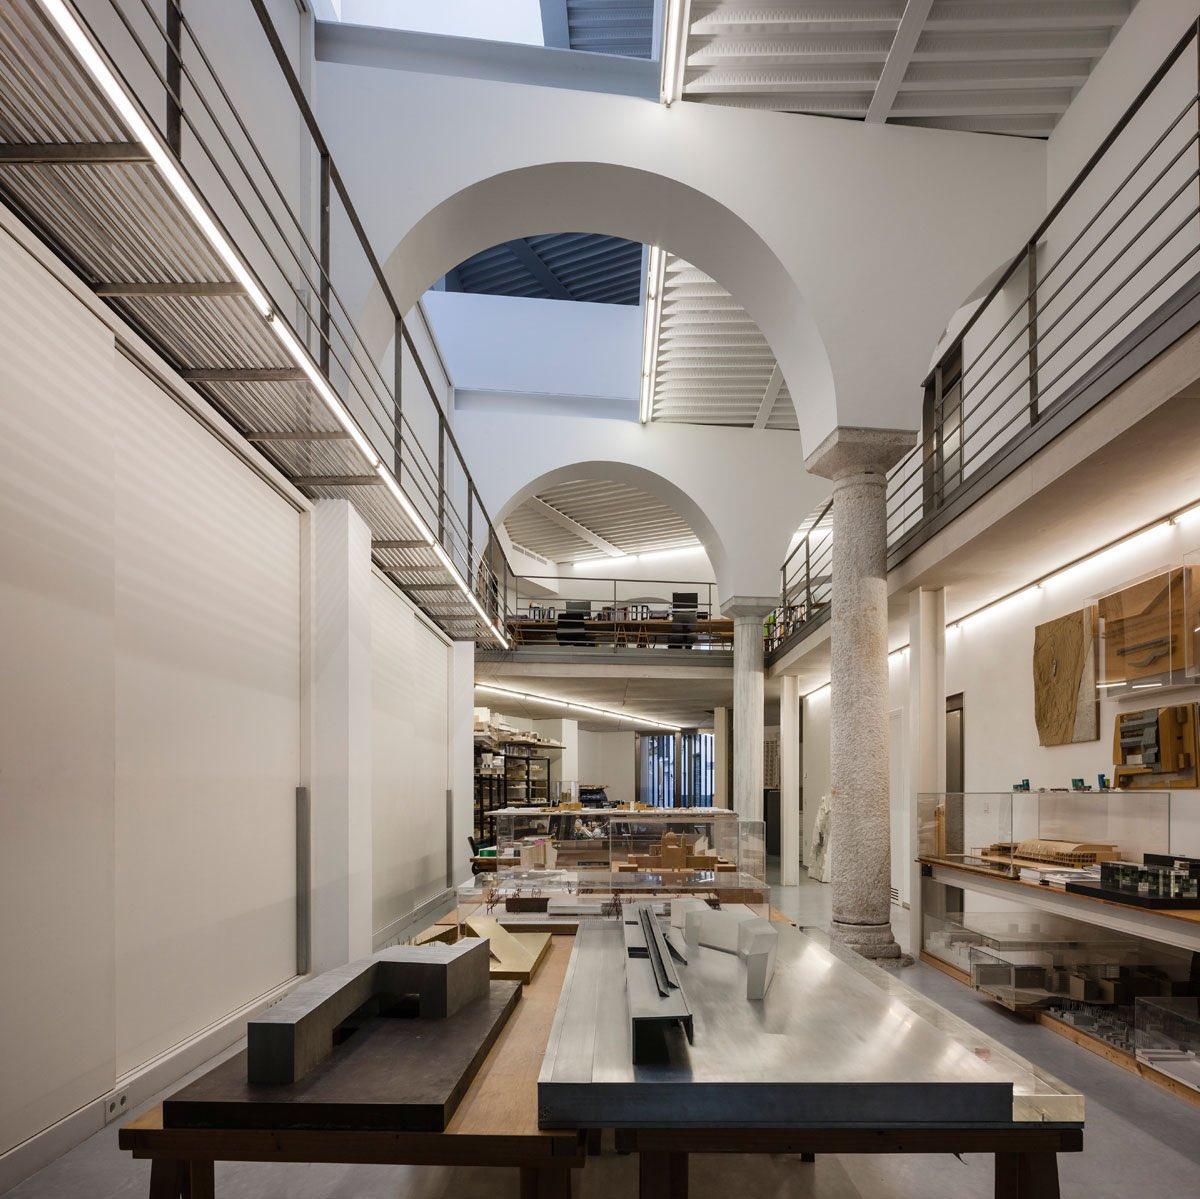 Interiores minimal interior es twitter - Arquitecto de interiores ...